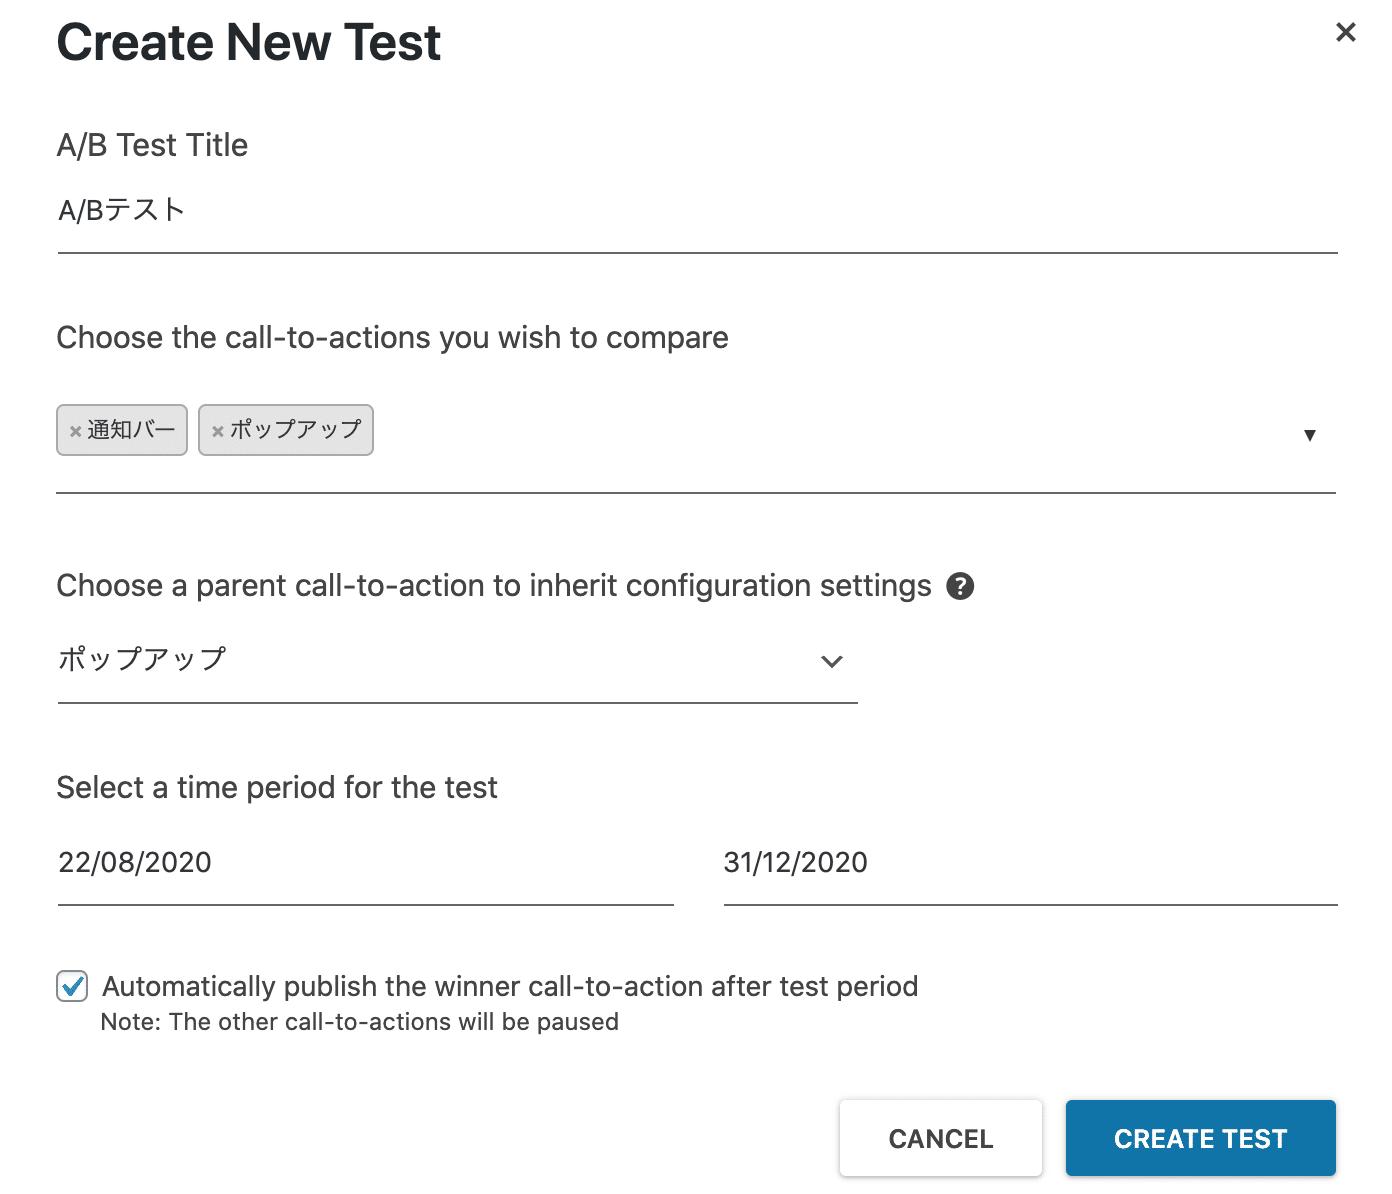 Convert ProでABテストを作成する